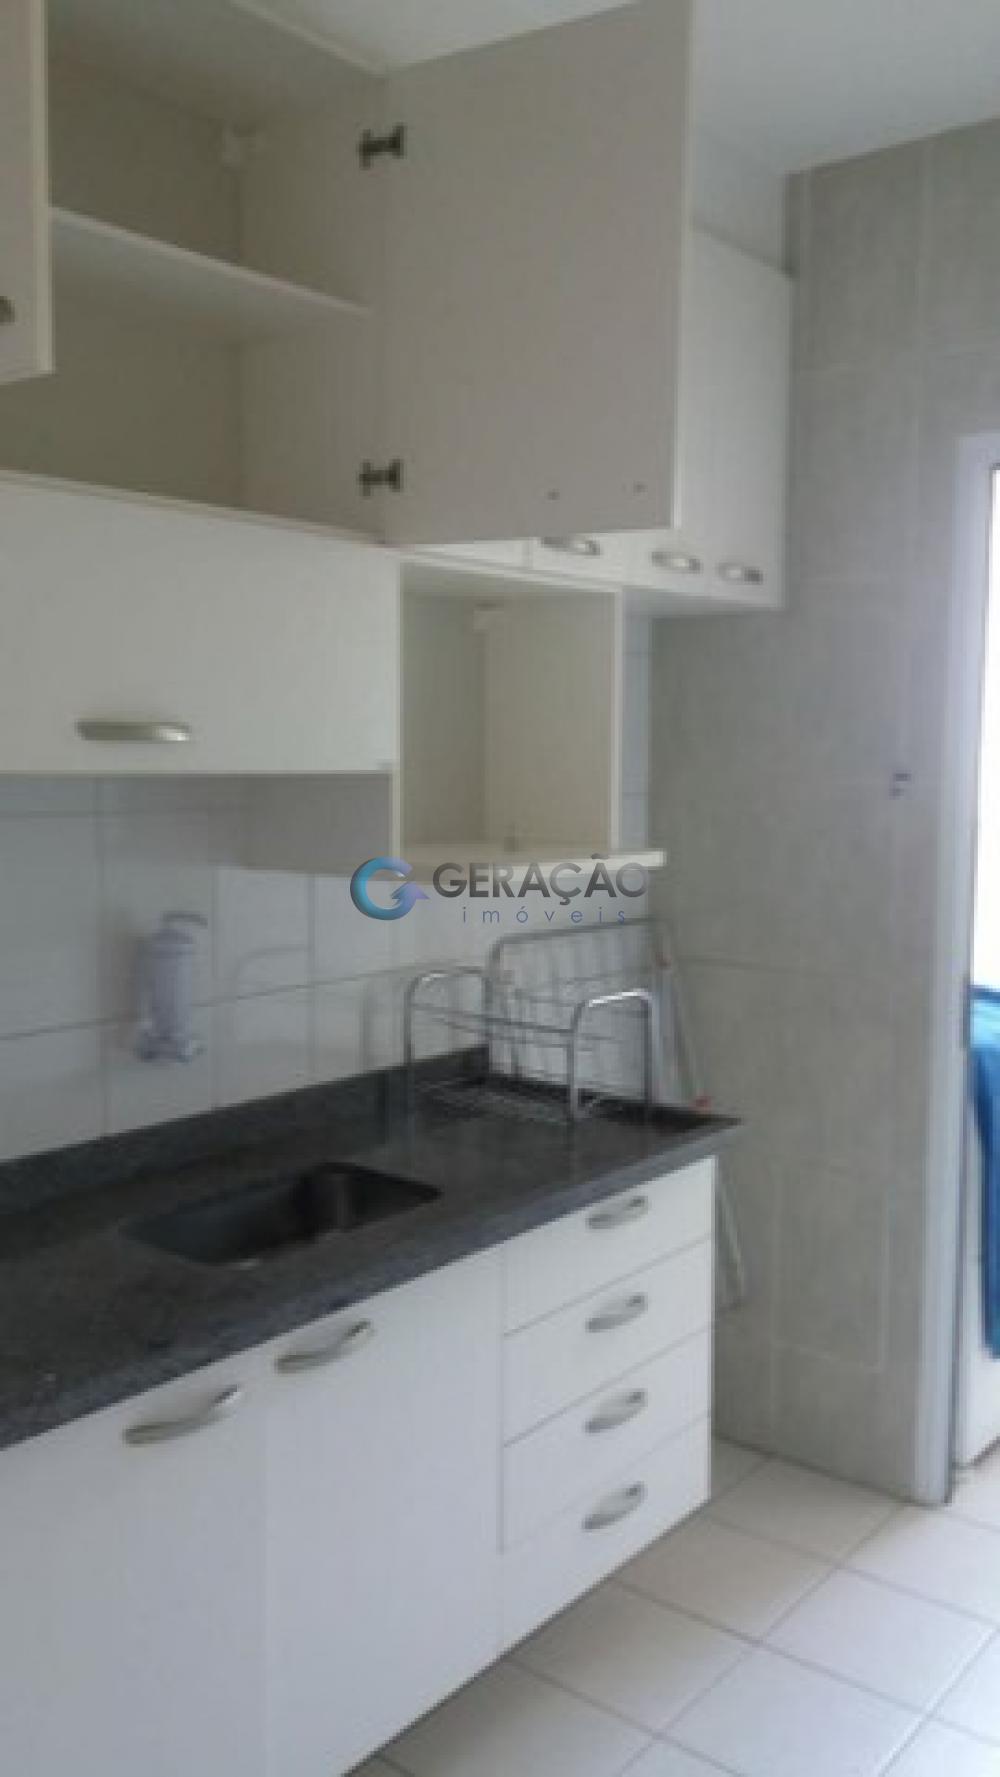 Comprar Apartamento / Padrão em São José dos Campos R$ 297.000,00 - Foto 8